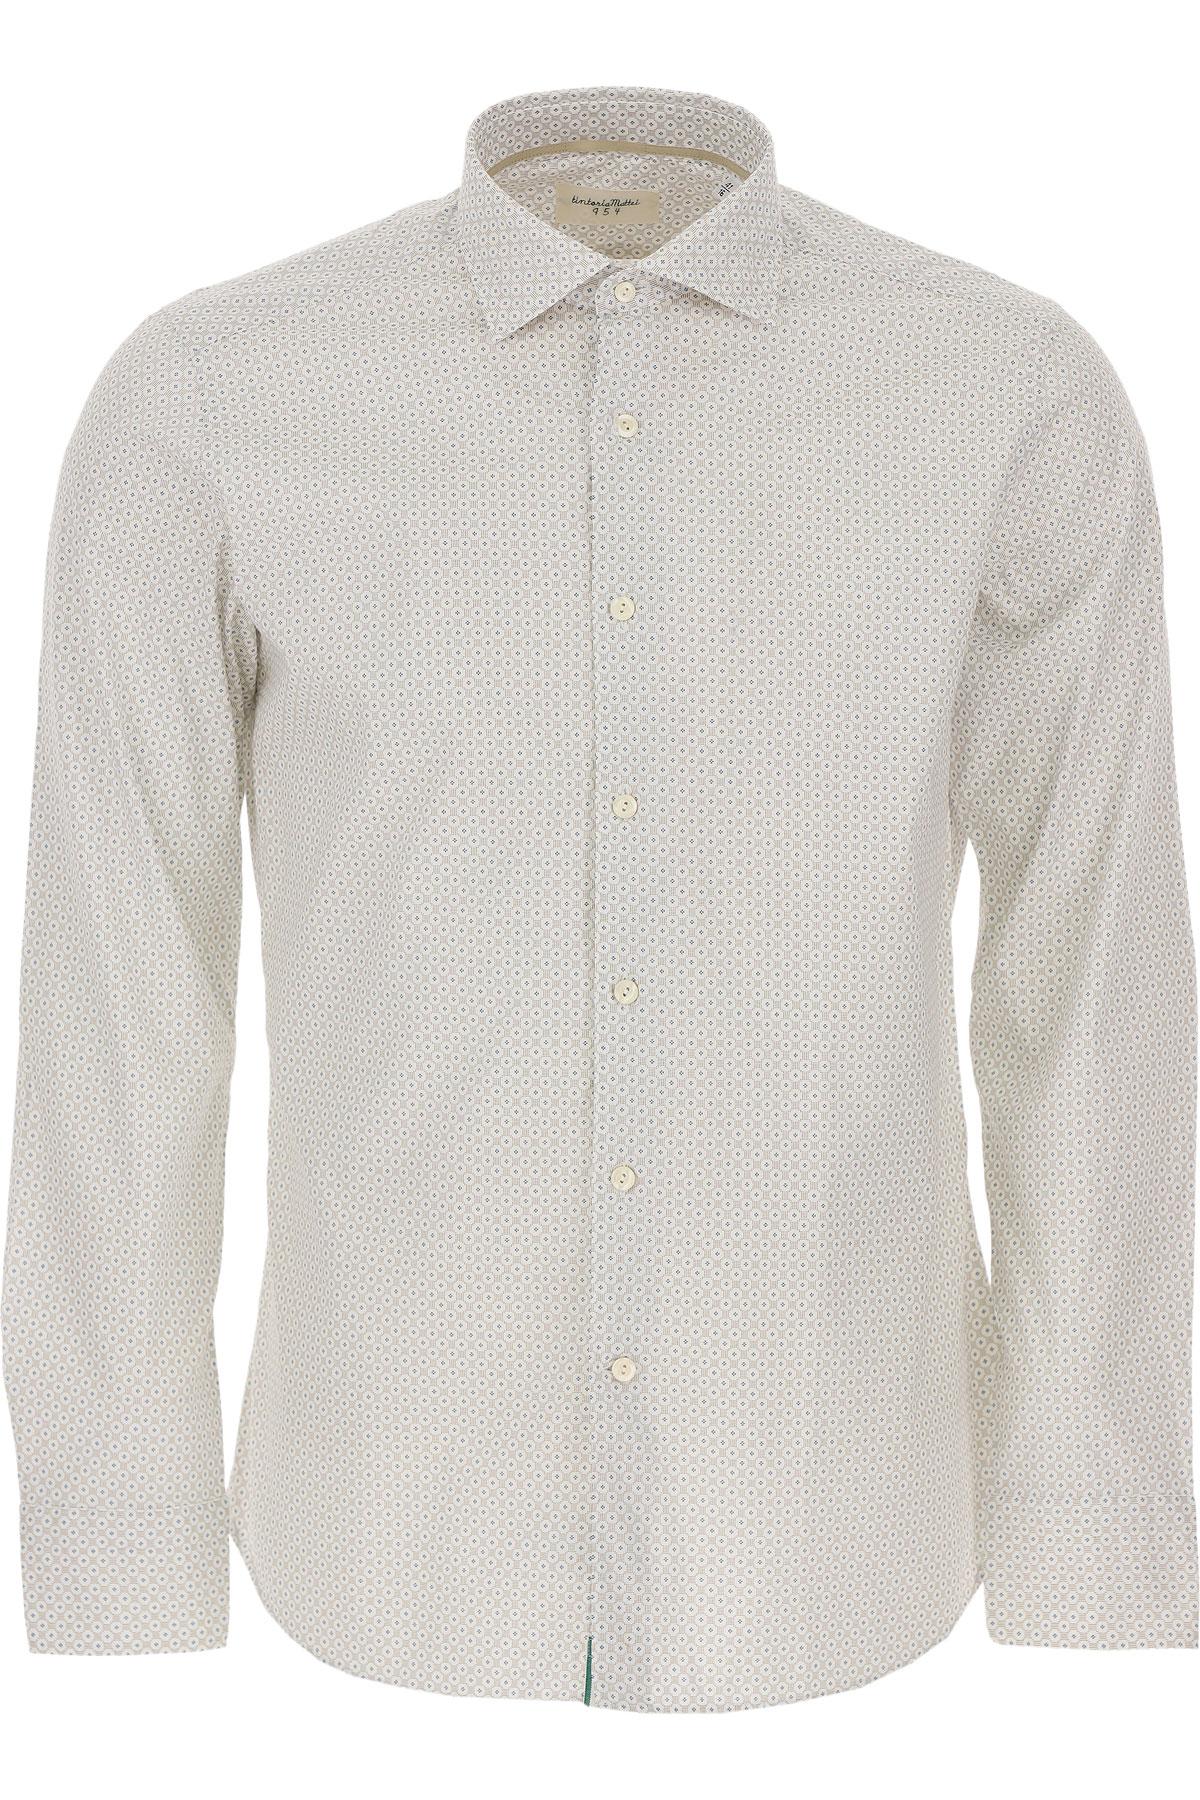 Tintoria Mattei 954 Shirt for Men On Sale, White, Cotton, 2019, 15.5 15.75 16 16.5 17 17.5